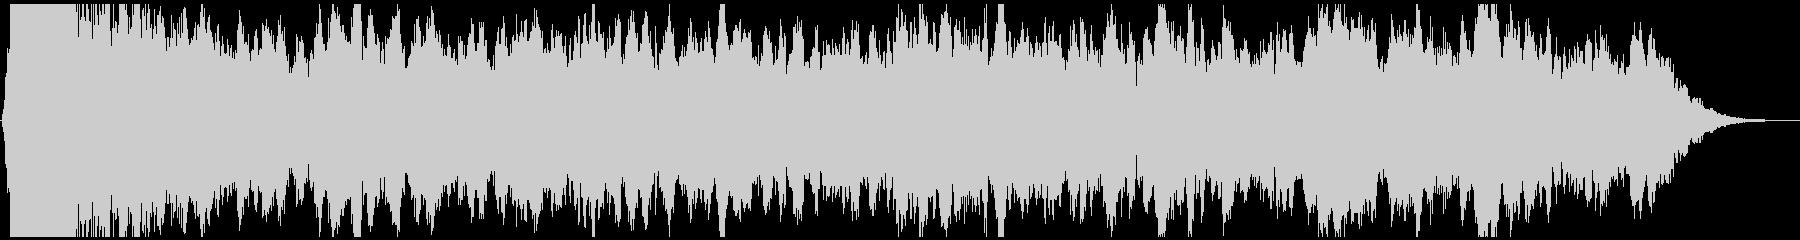 PADS 不安定なウィンドチャイム01の未再生の波形